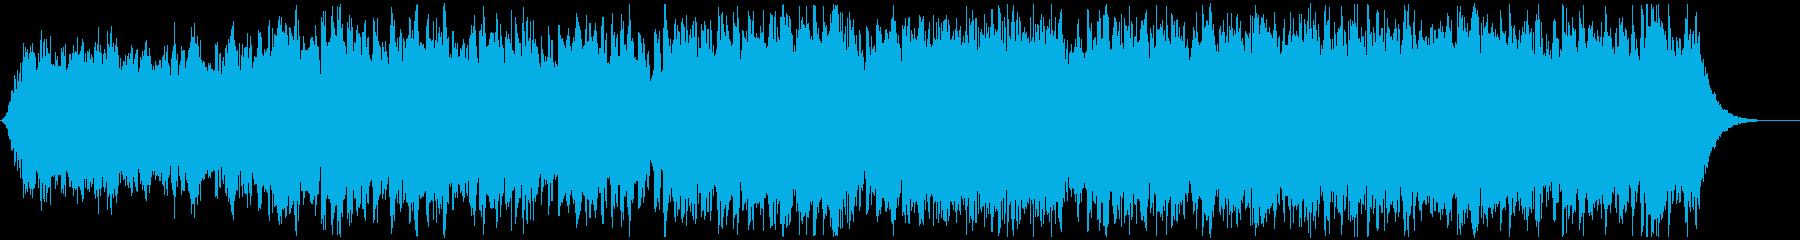 科学・研究所に合いそうなアンビエントの再生済みの波形